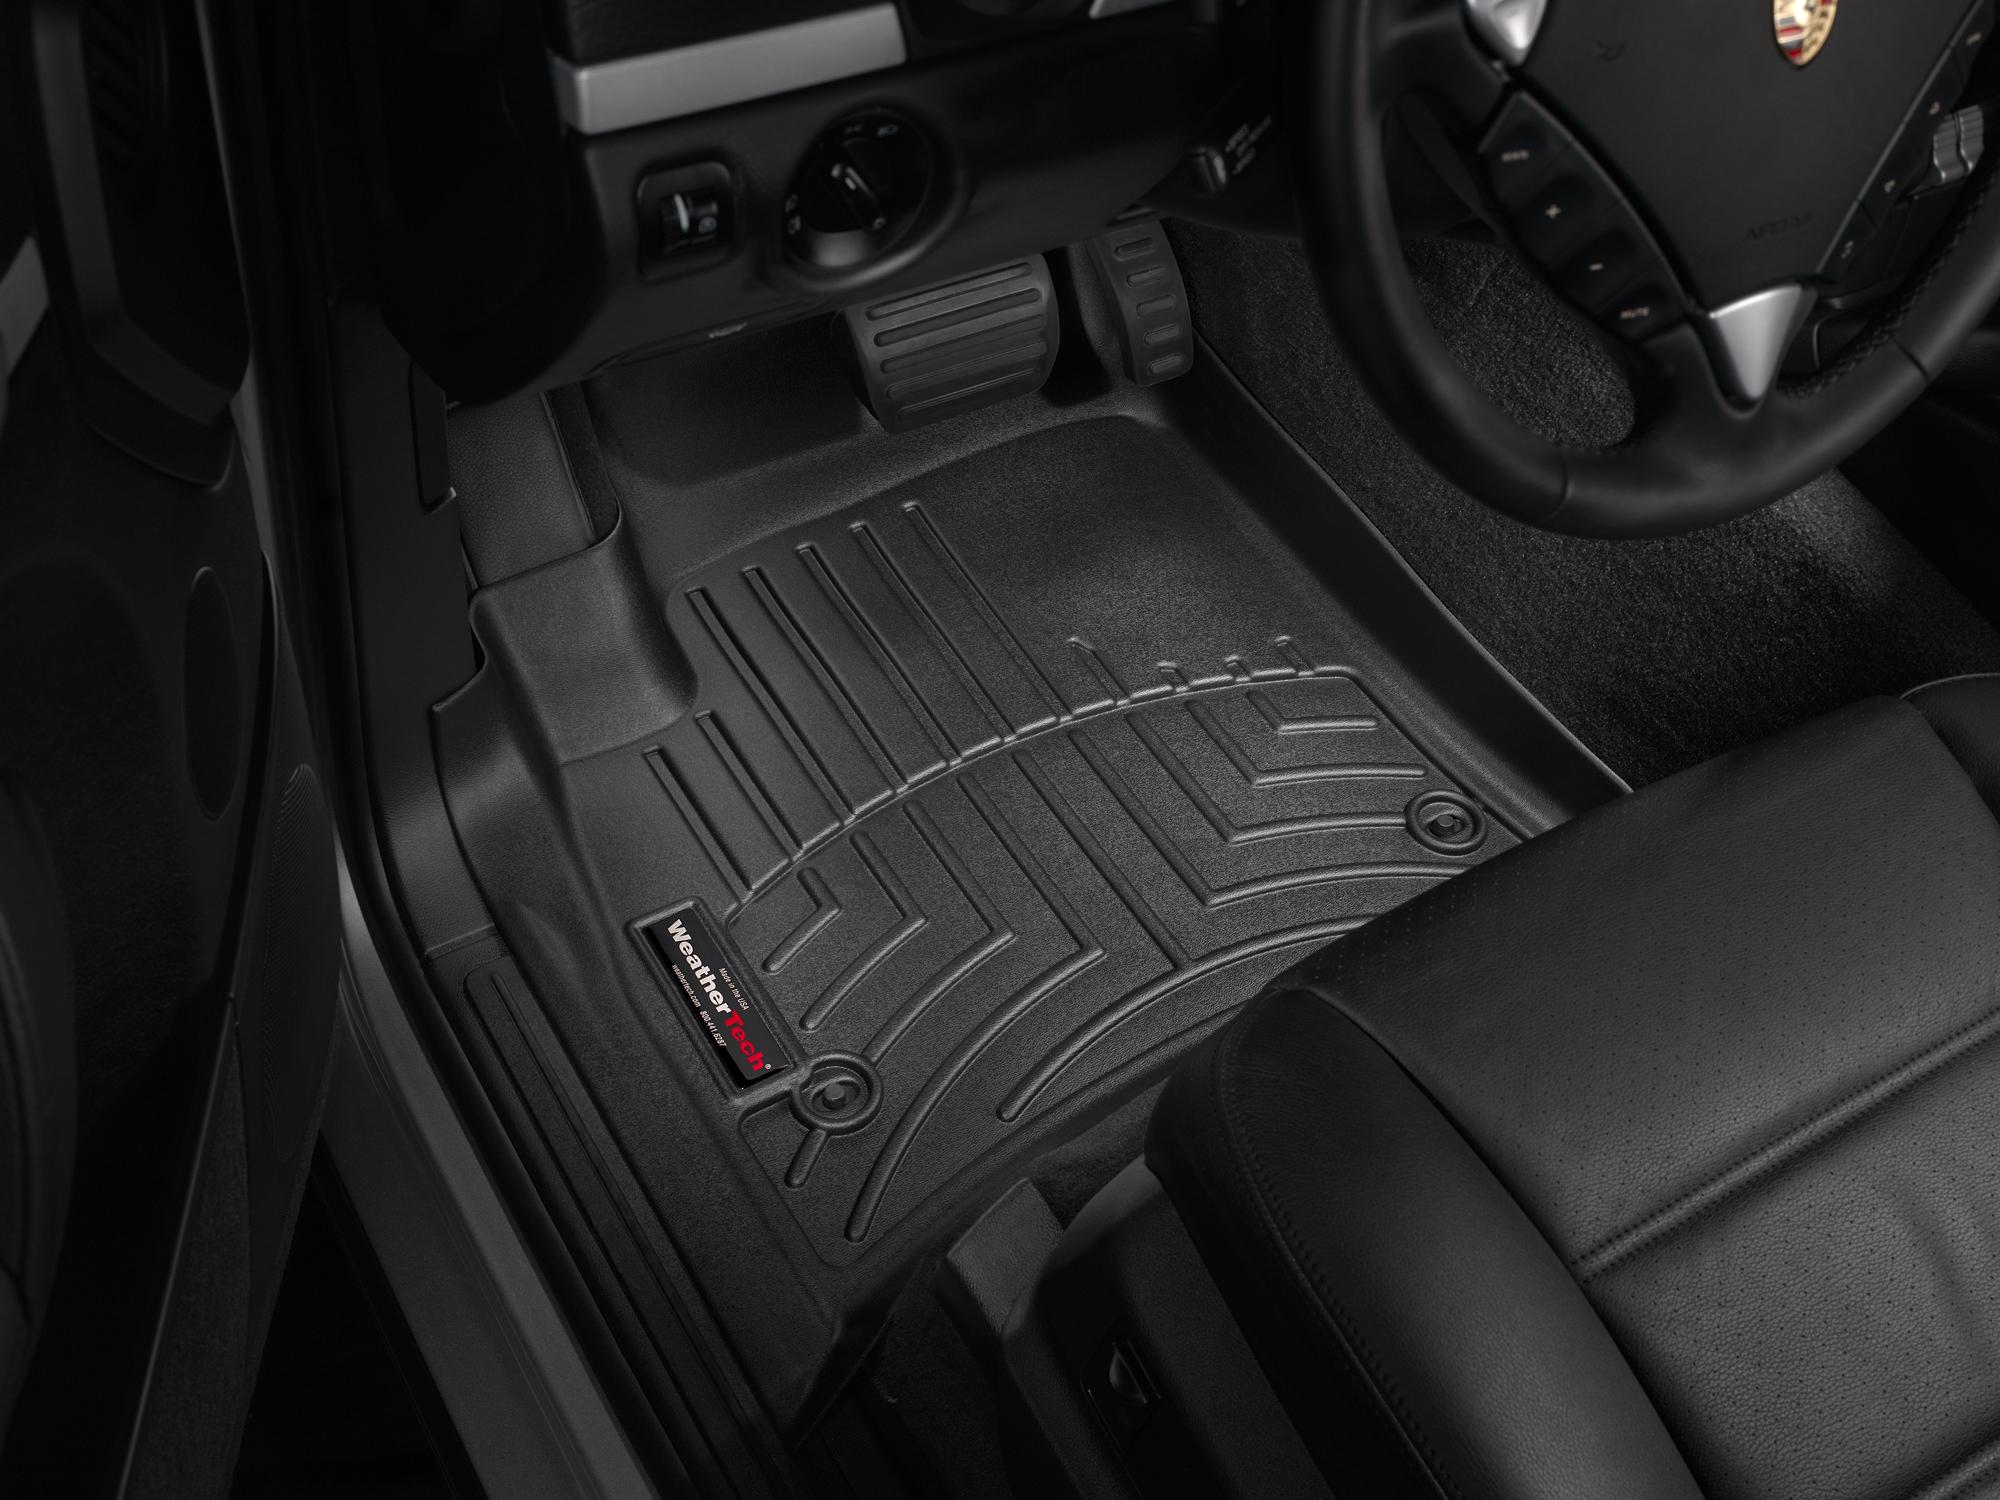 Tappeti gomma su misura bordo alto Volkswagen Touareg 07>08 Nero A4296*